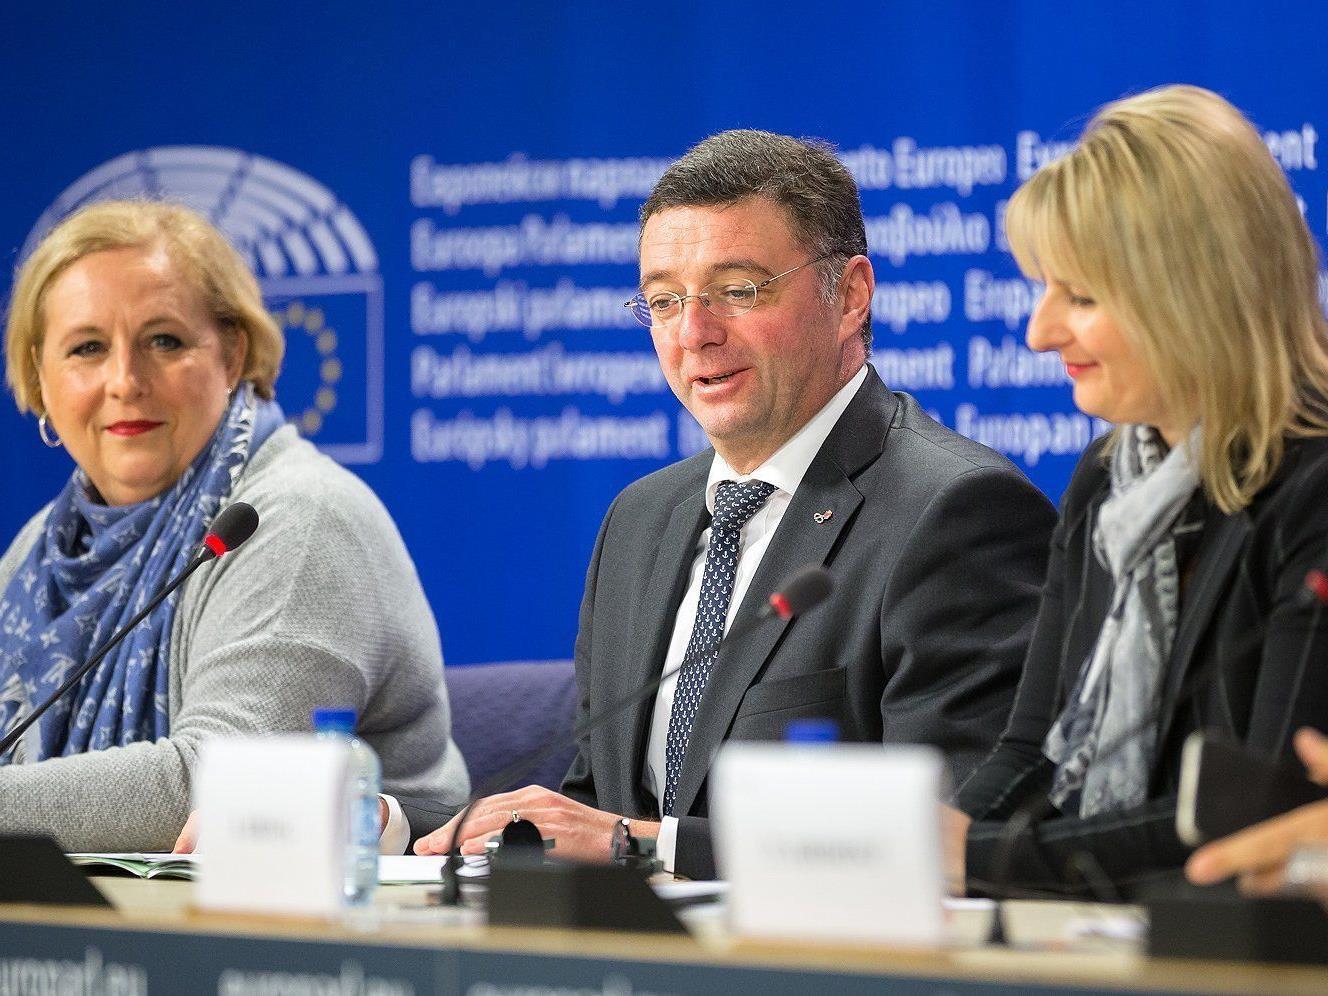 Die ÖVP-Europaabgeordnete Claudi Schmidt (L.), Verkehrsminister Jörg Leichtfried (SPÖ) und die sozialdemokratische Abgeordnete Karoline Graswander-Hainz (R.) während einer Pressekonferenz zur deutschen PKW-Maut am Mittwoch.